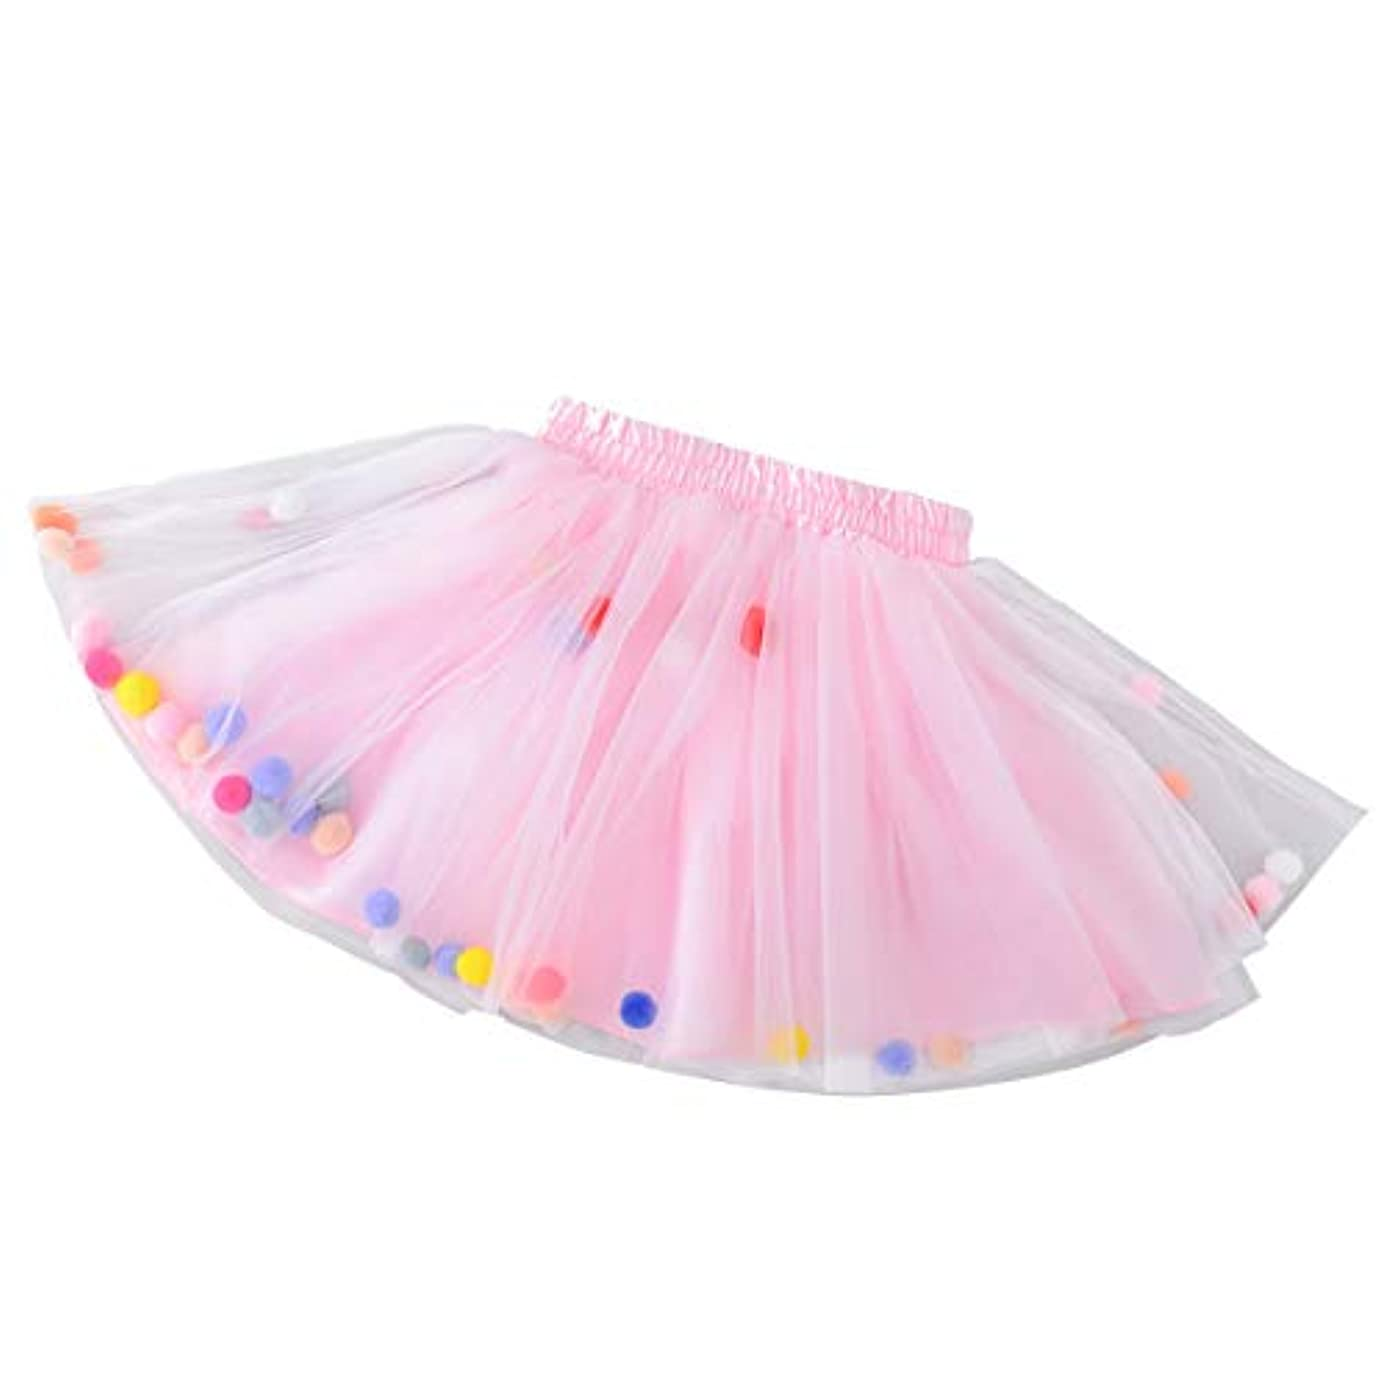 漂流ショップエールYeahiBaby 子供チュチュスカートラブリーピンクミディスカートカラフルなファジィボールガーゼスカートプリンセスドレス衣装用女の子(サイズm)